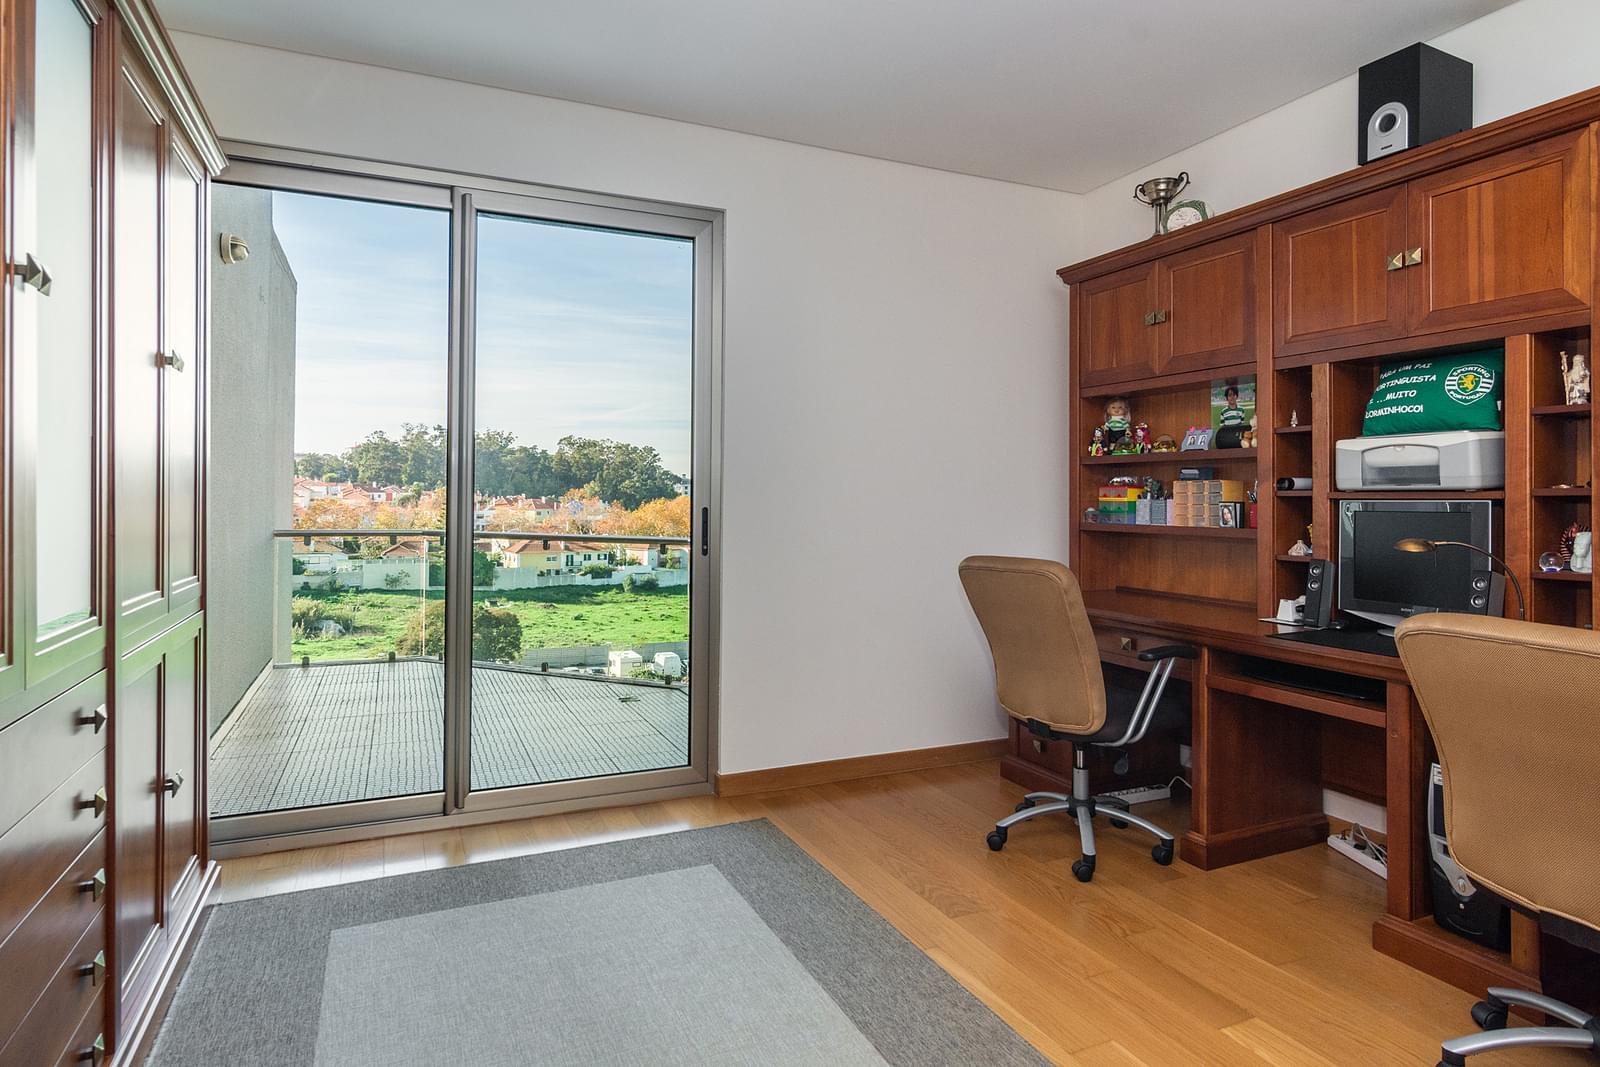 5 bedroom duplex with parking